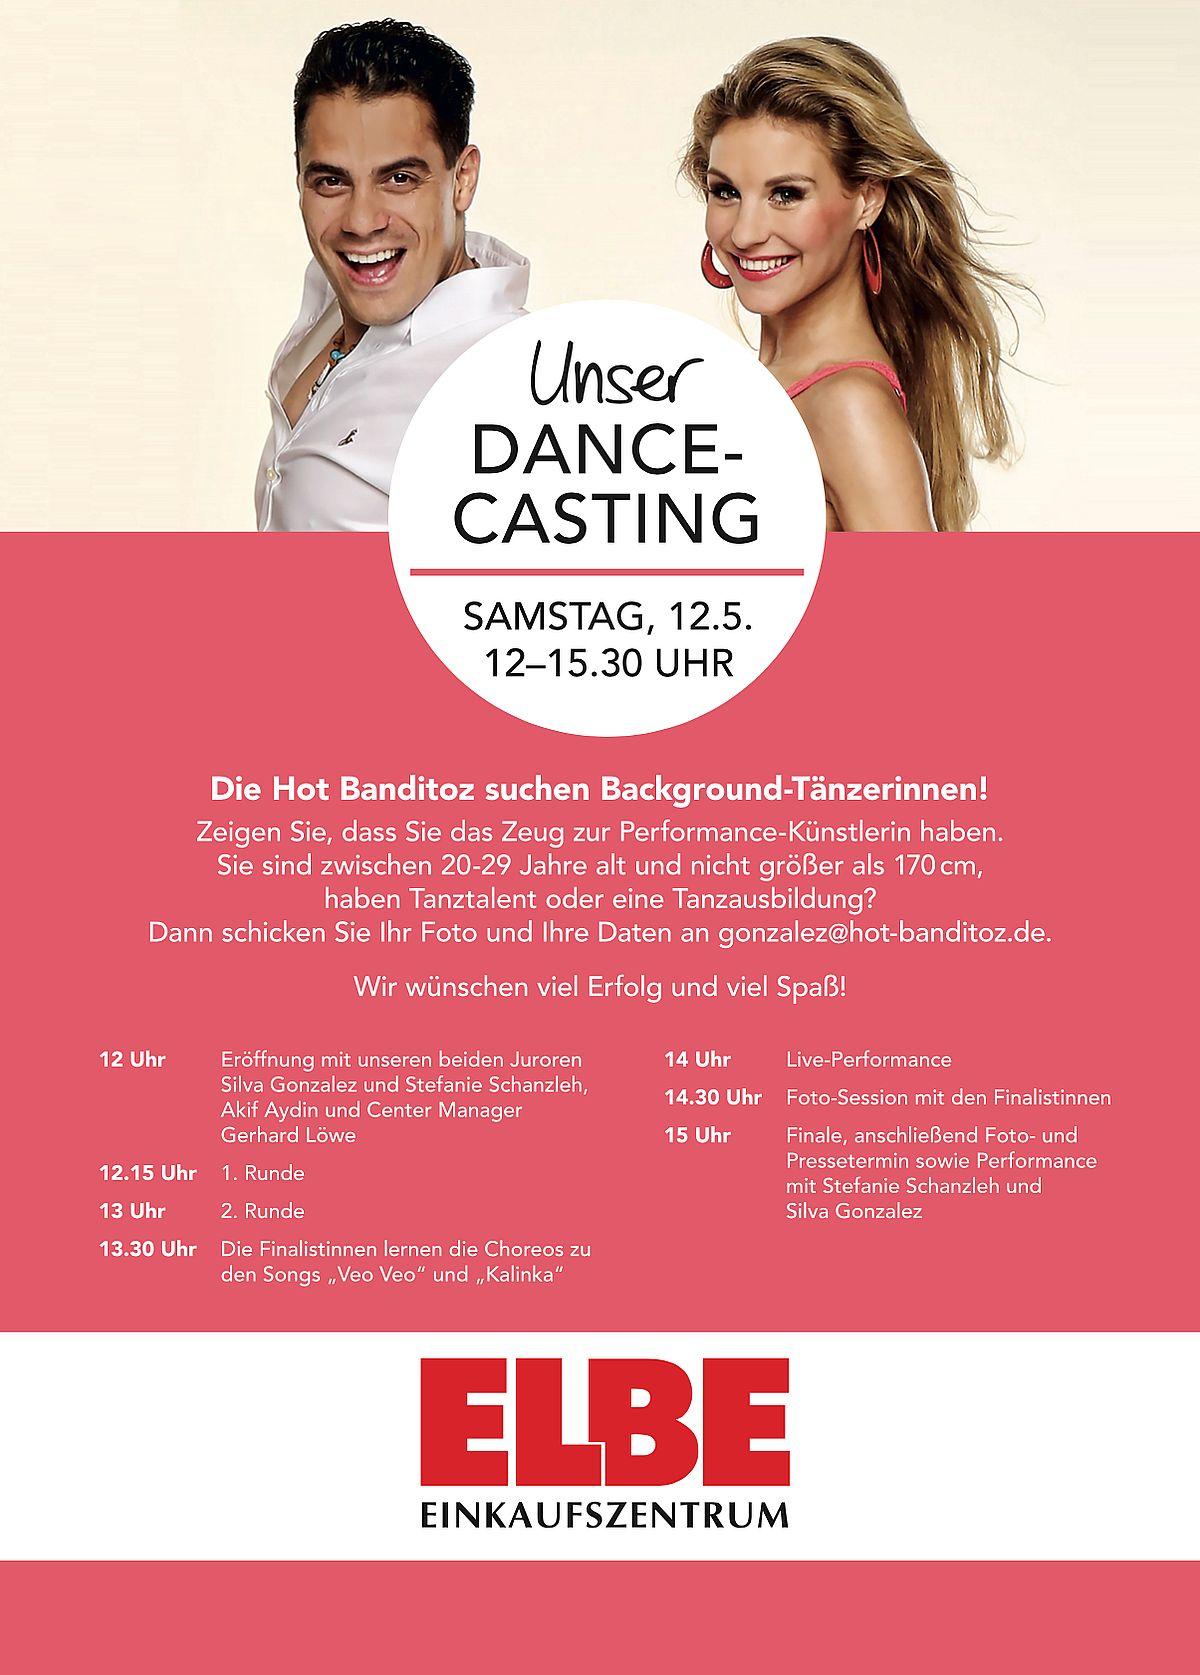 Dance-Casting der Hot Banditoz im Elbe-Einkaufszentrum